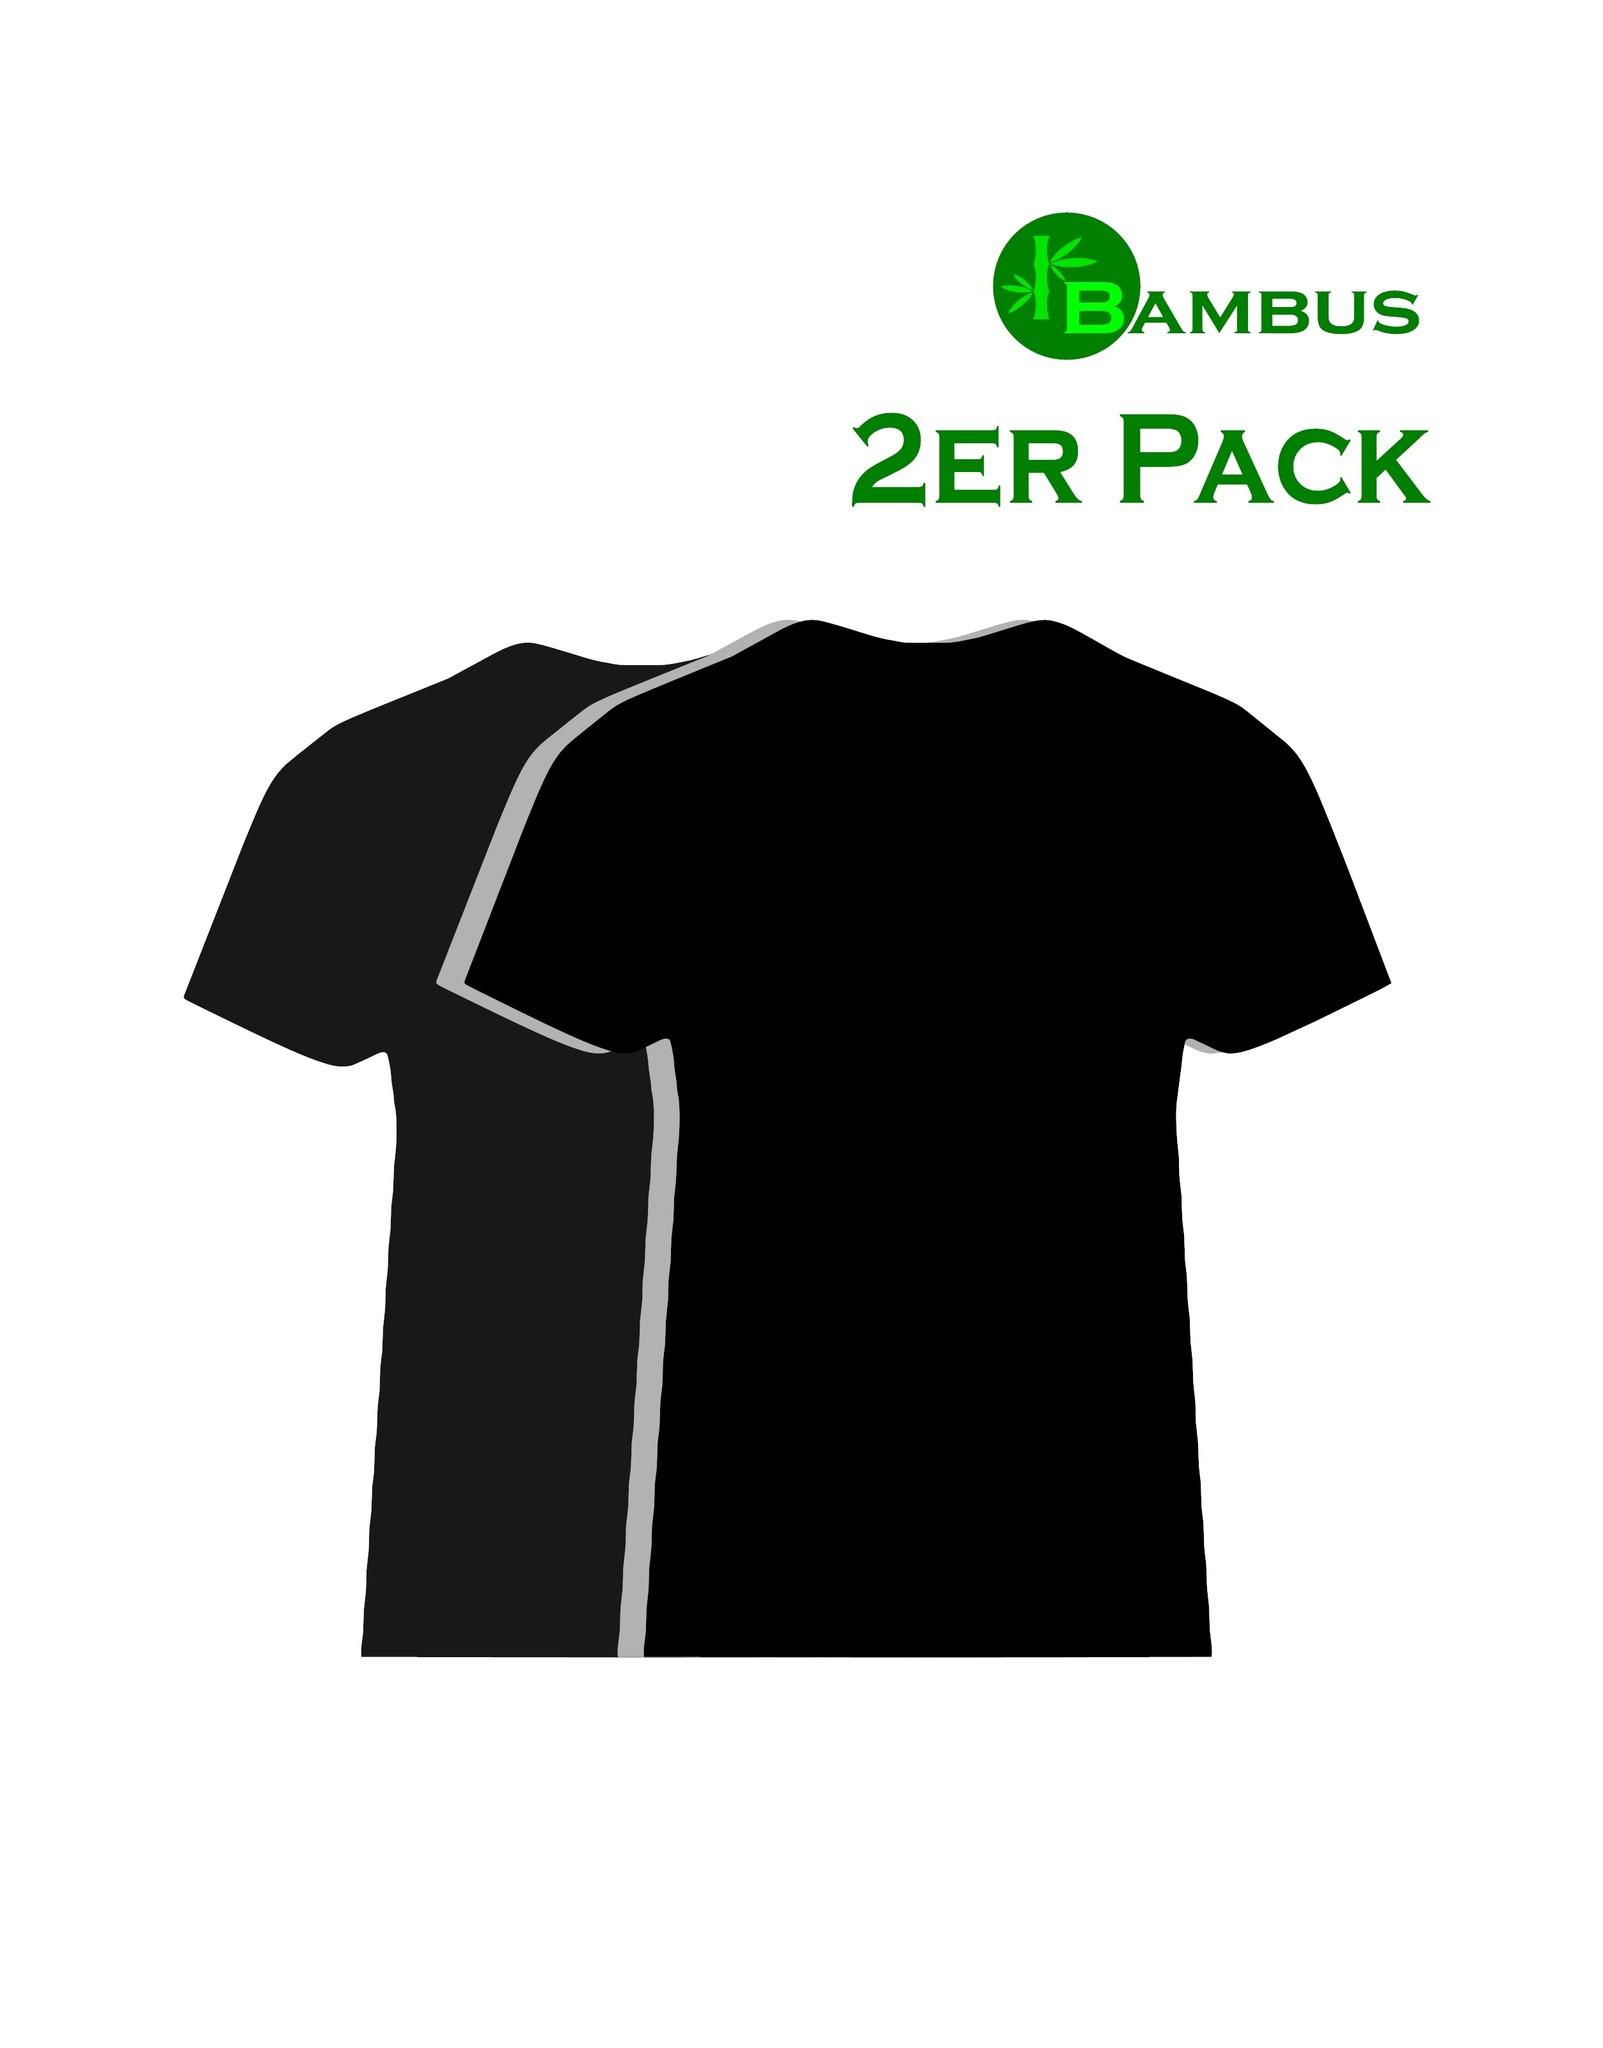 Bambus Kneuss Qualität Bambus T-Shirt, schwarz 2er Pack in Kneuss Qualität